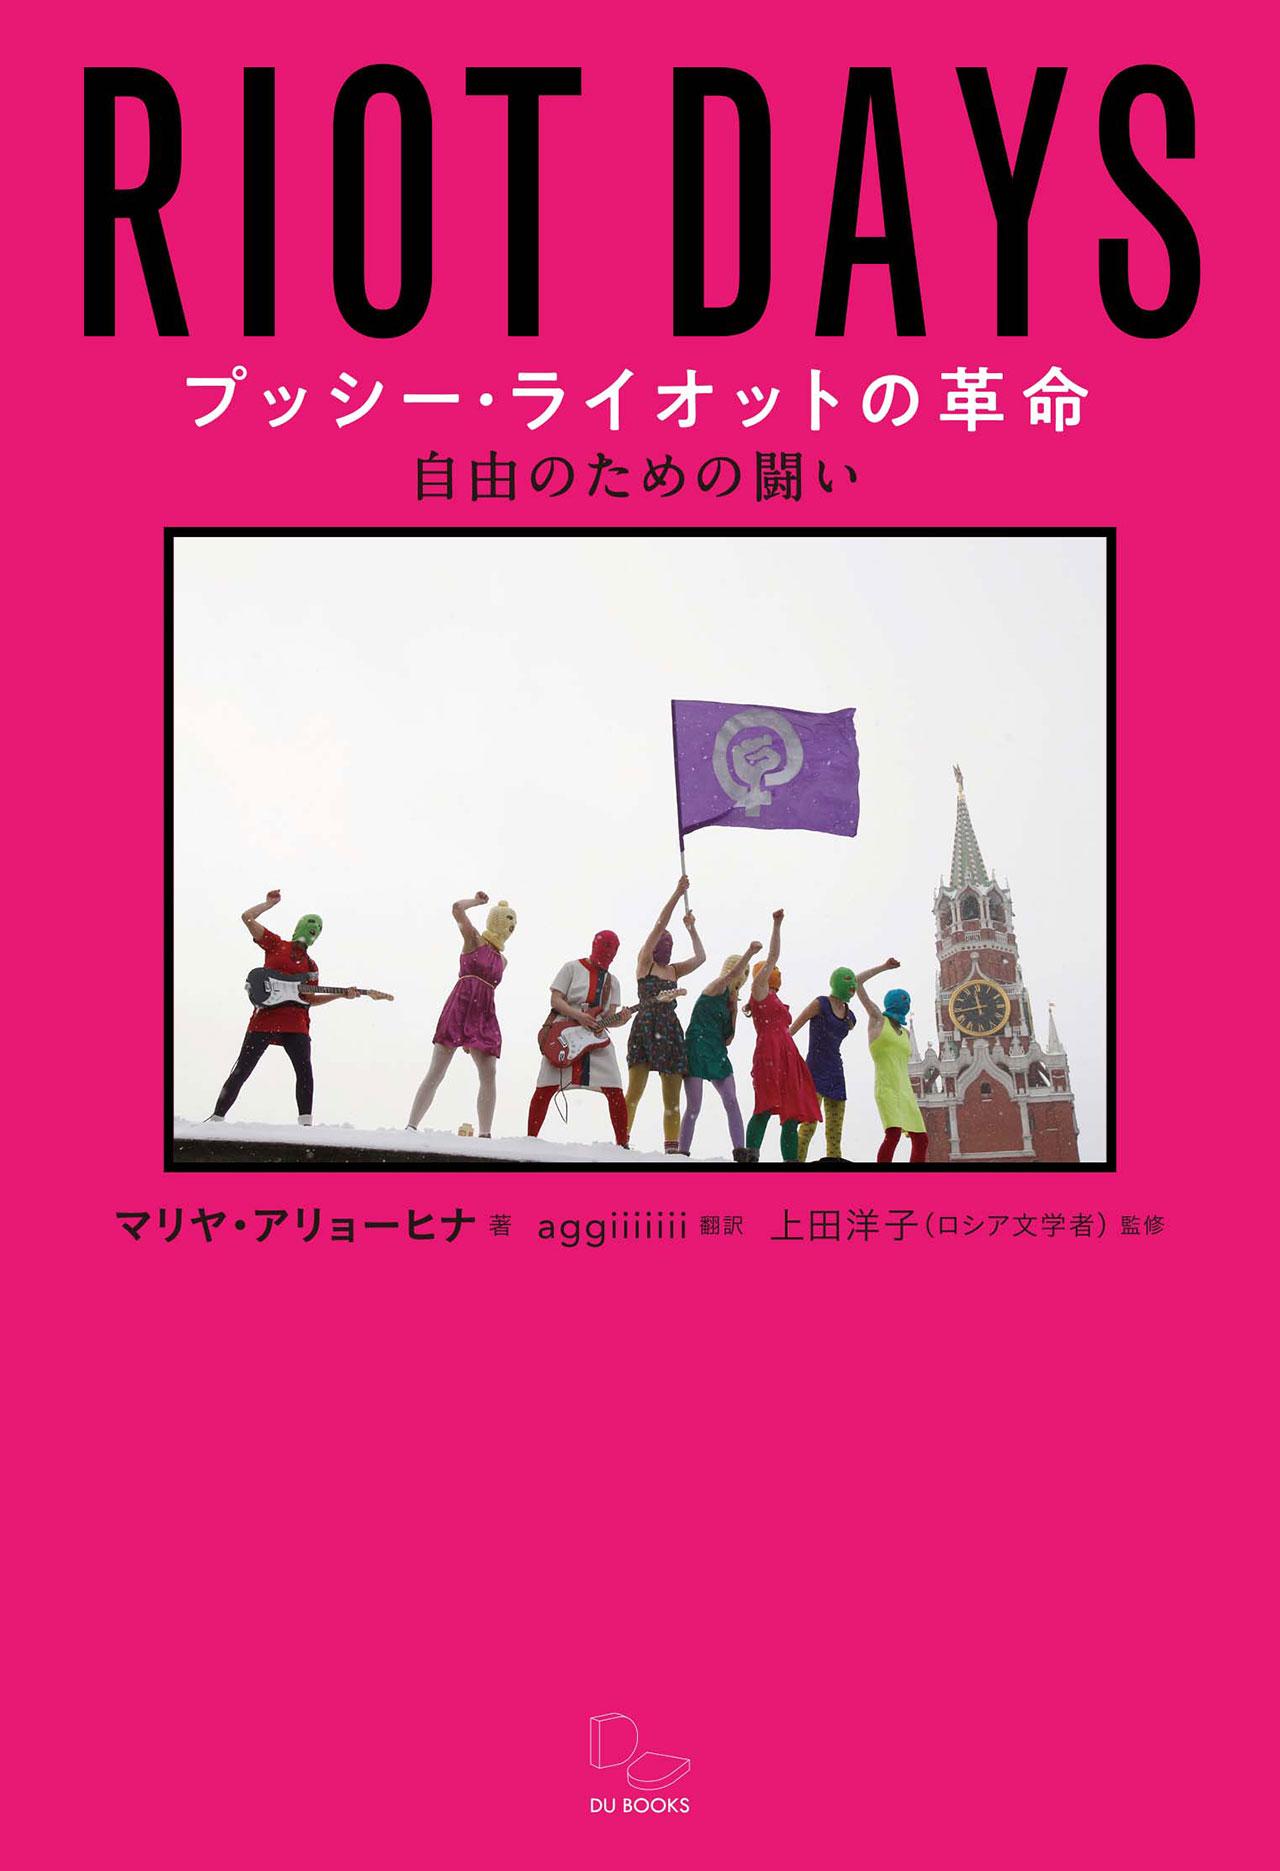 『プッシー・ライオットの革命』¥2,000 ©︎DU BOOKS